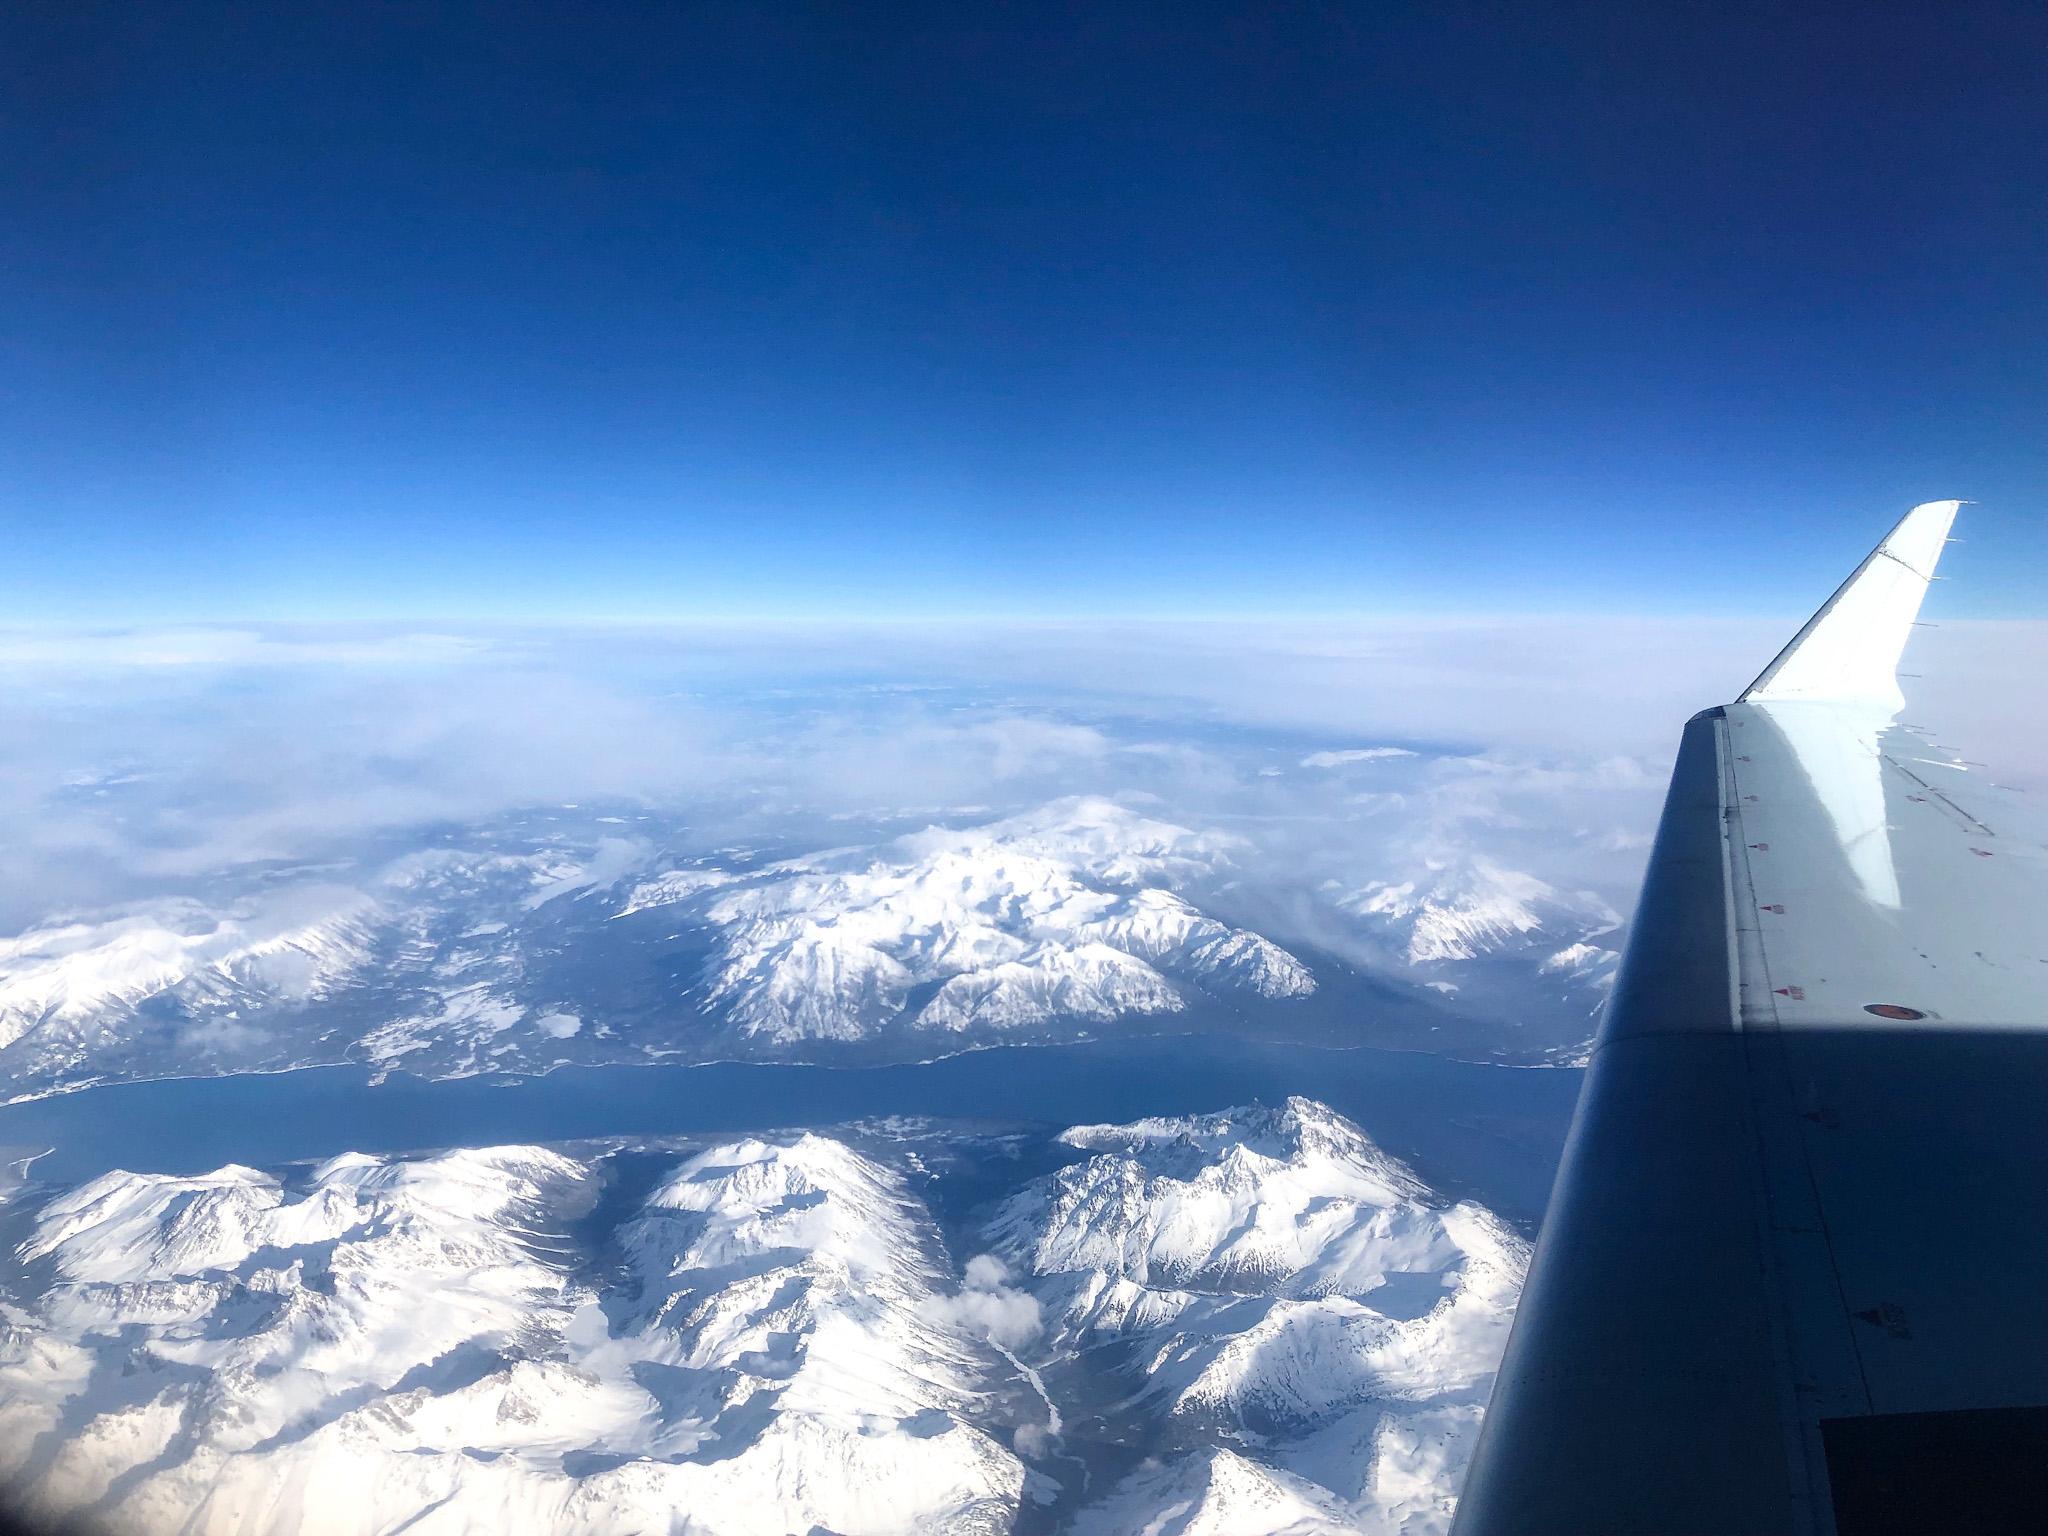 avion nuage montagnes